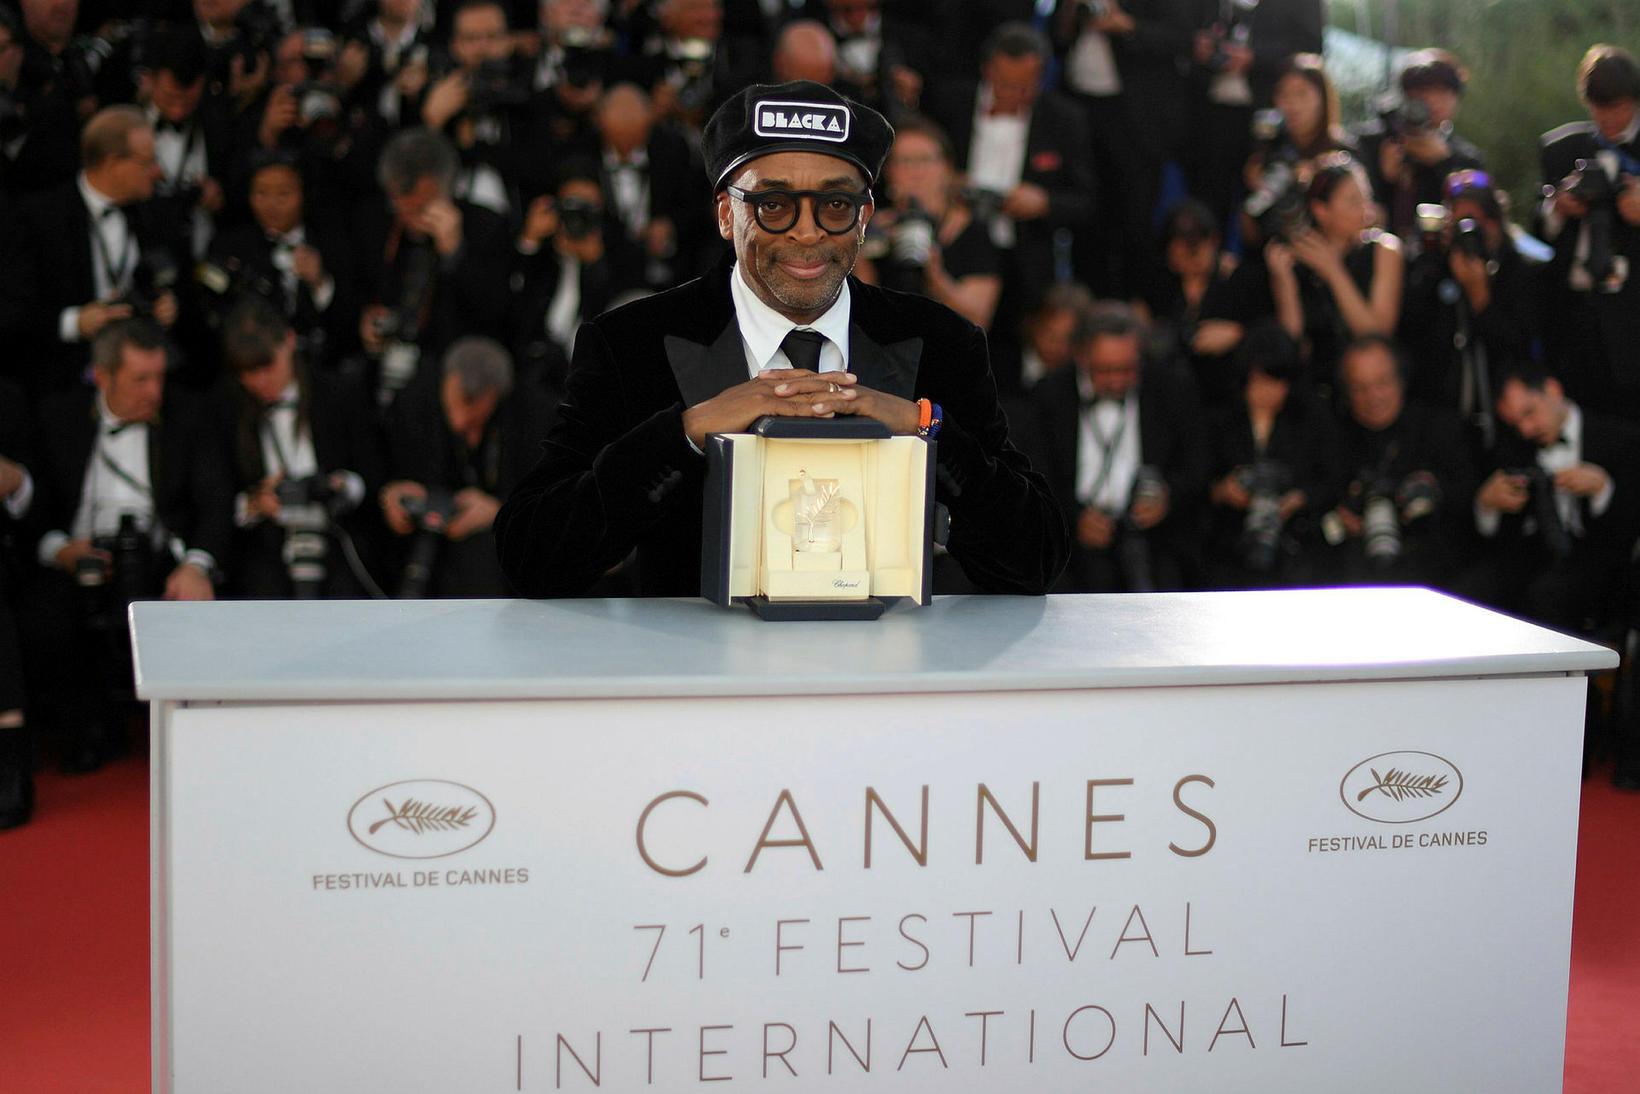 Spike Lee hlaut verðlaun fyrir kvikmynd sína BlacKkKlansman á Cannes-kvikmyndahátíðinni …